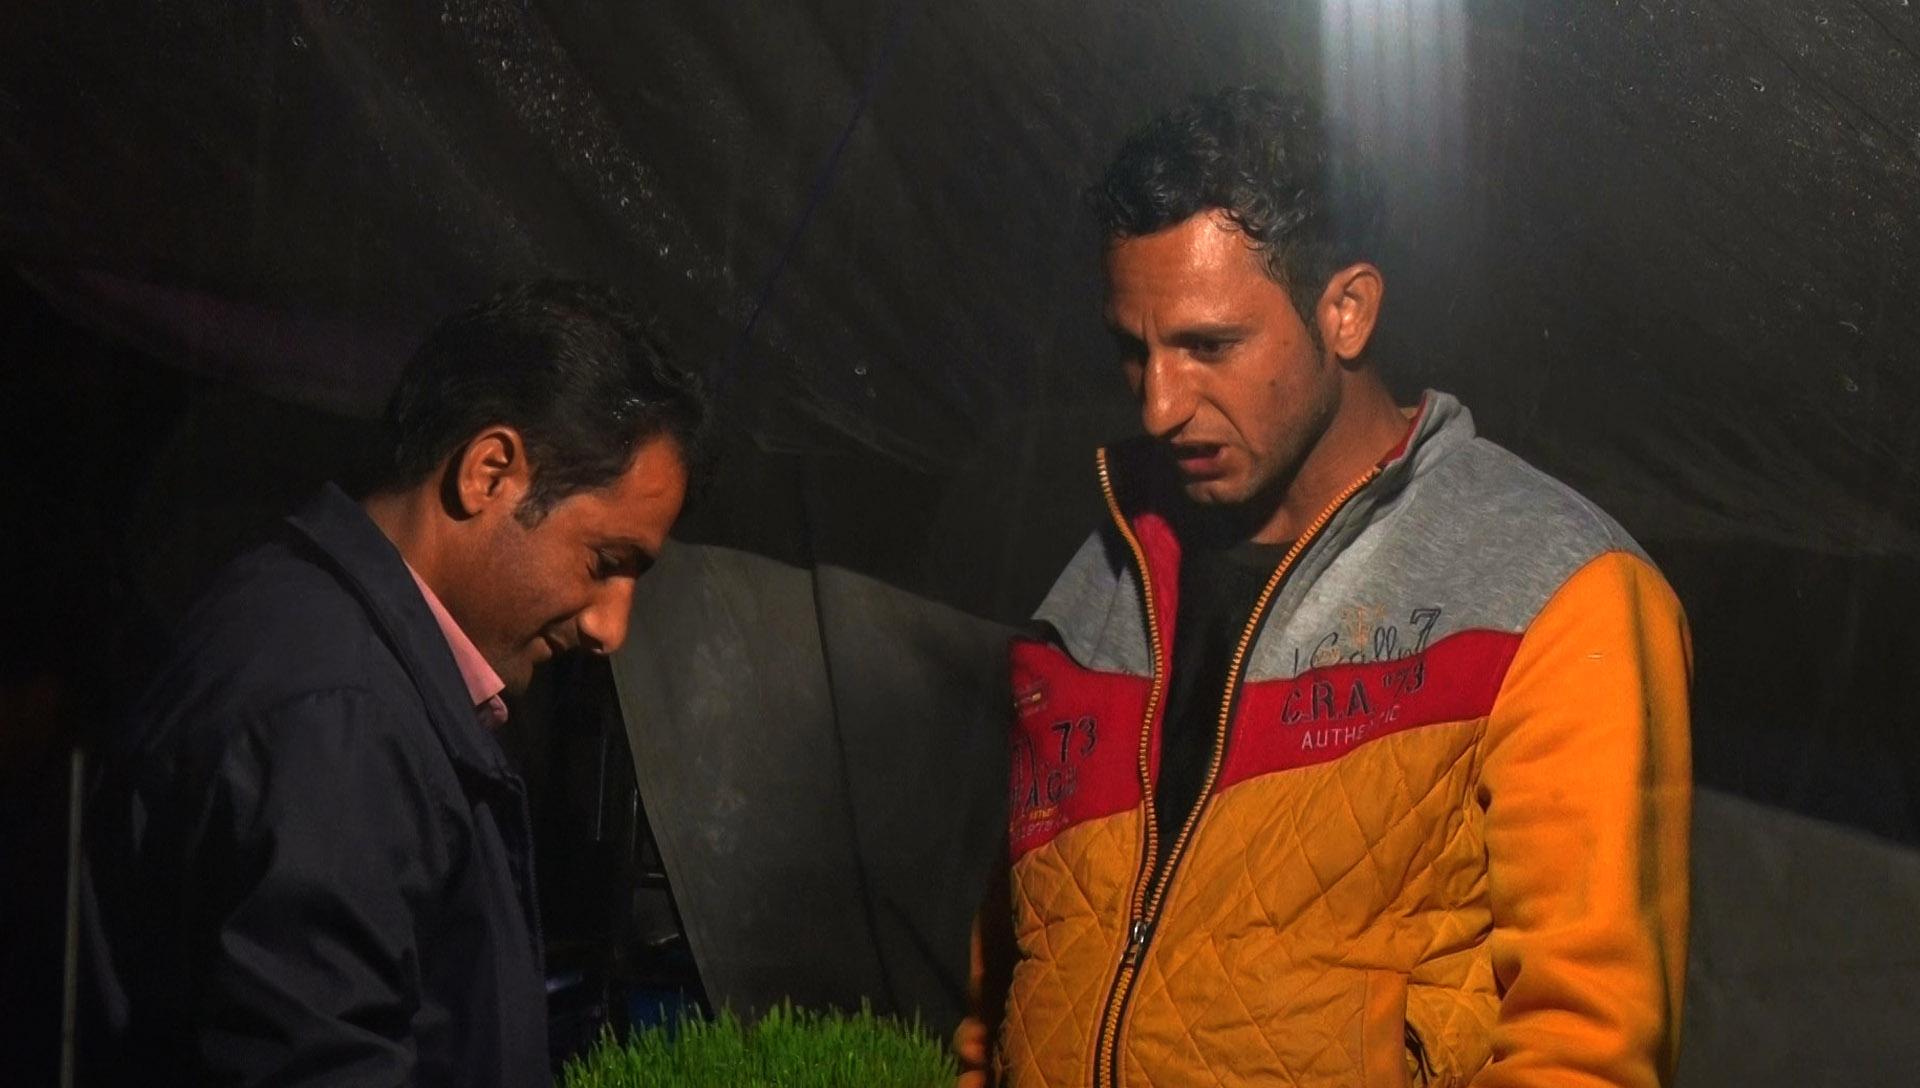 عکس از مستند سیاه زخم 02